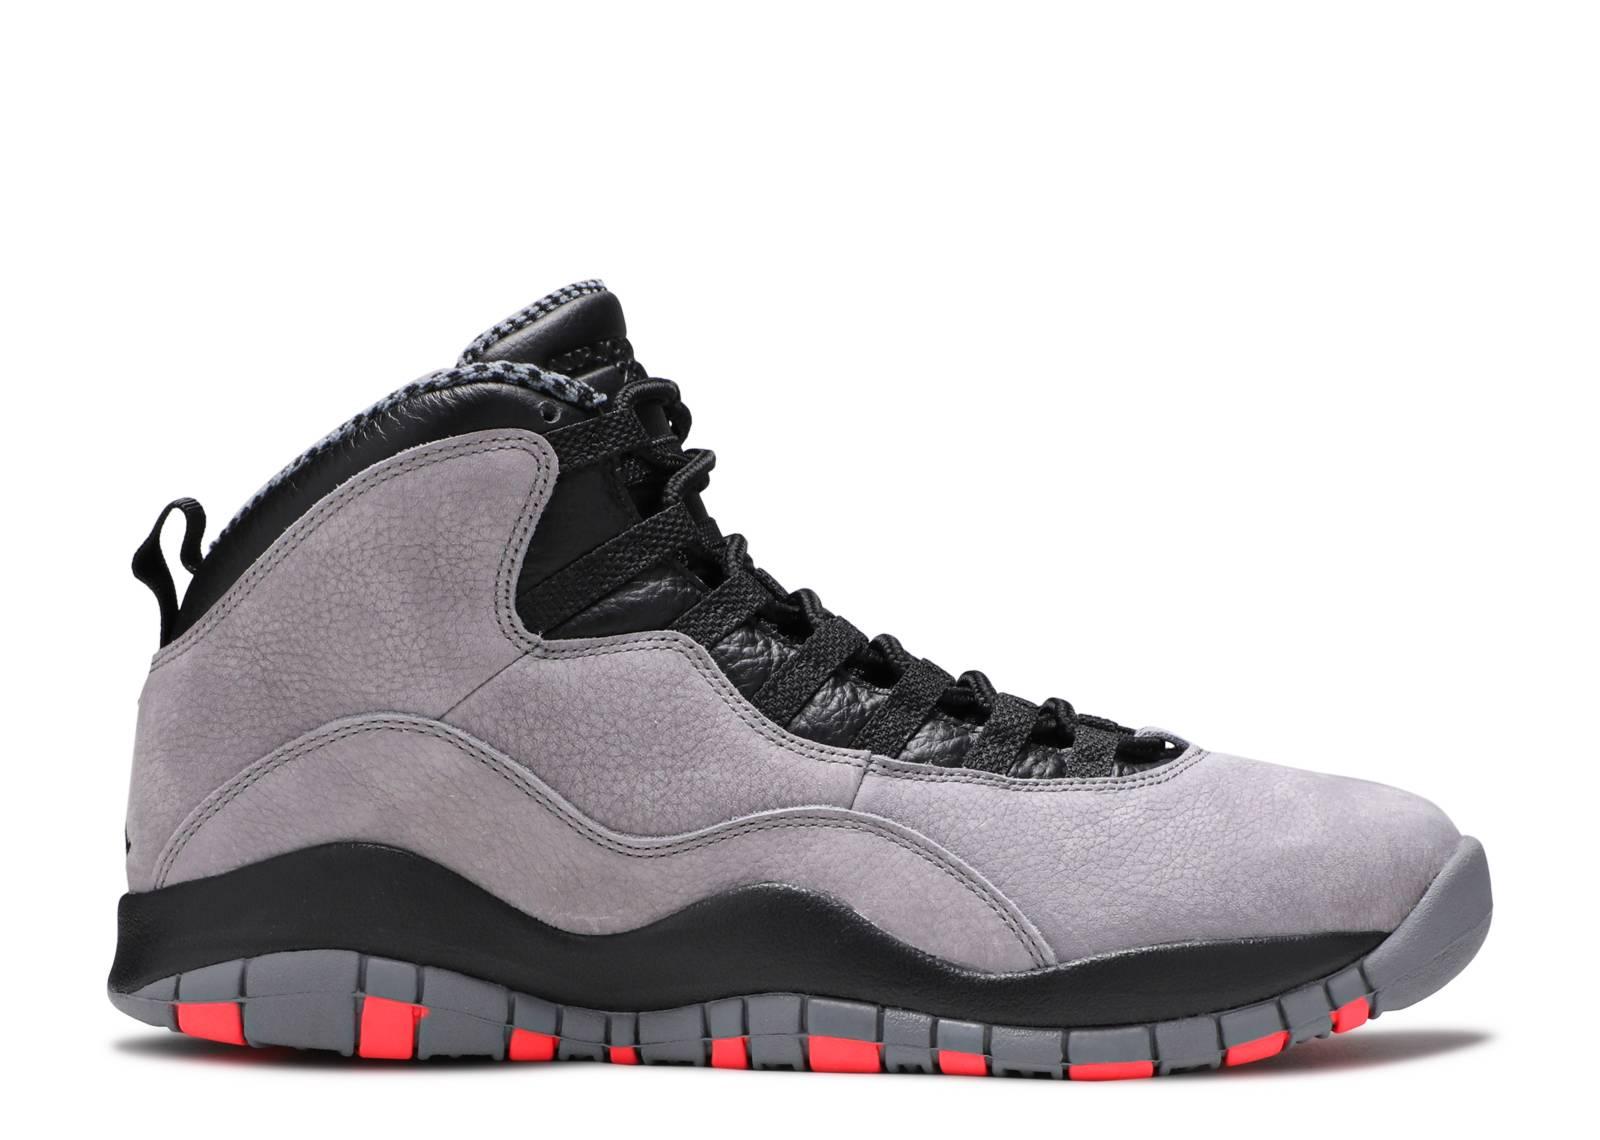 air jordan 10 steel grey